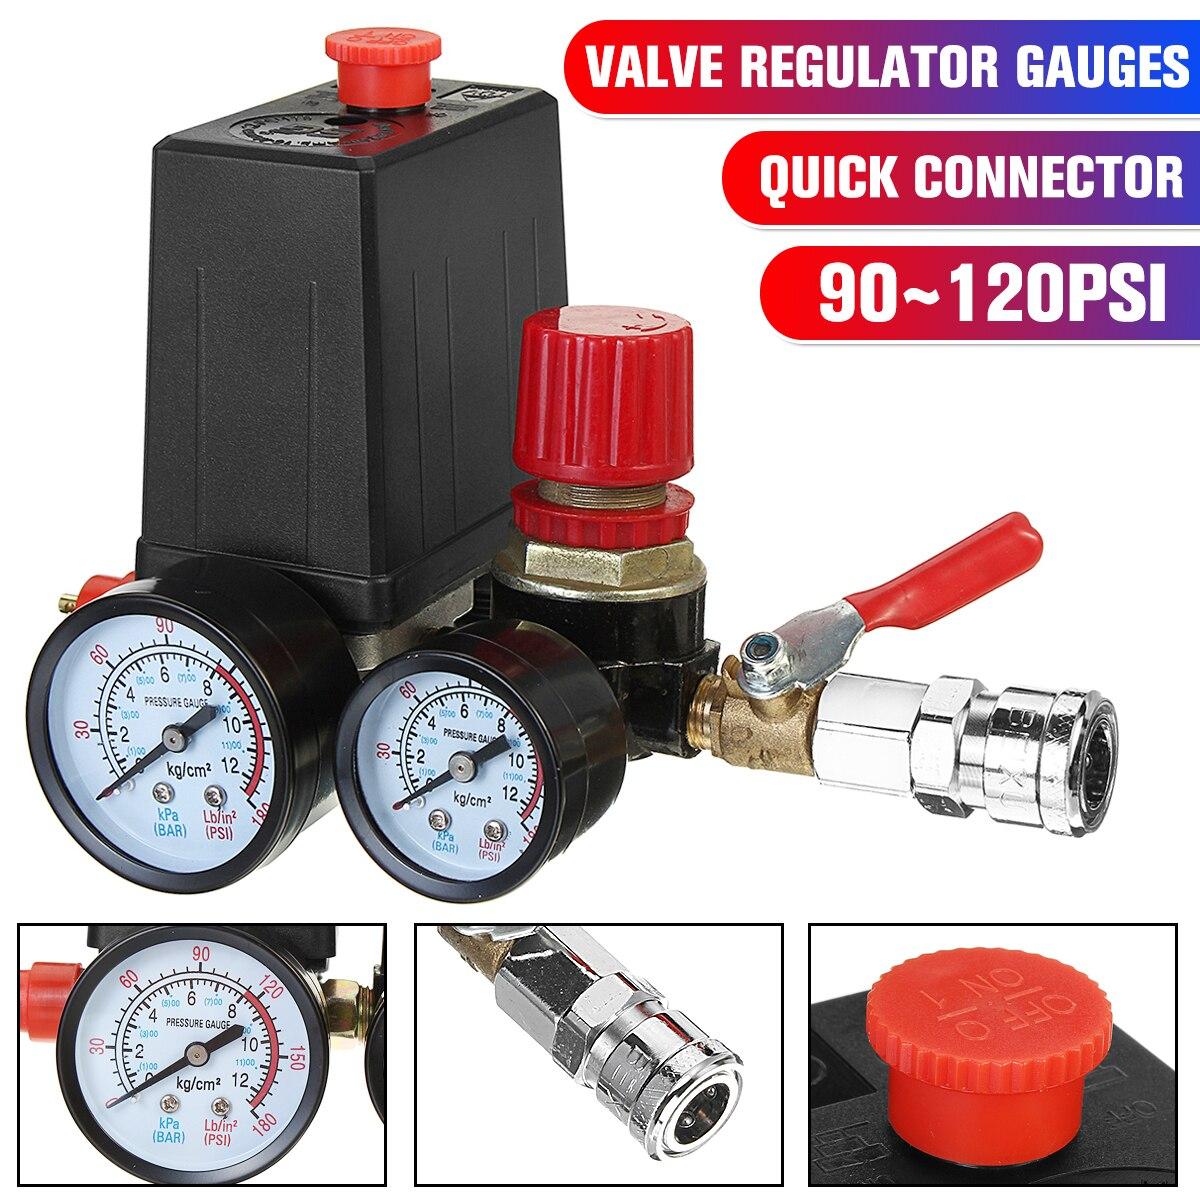 Bomba de compresor de aire de 240V, interruptor de presión, válvula de Control de regulador múltiple con medidores de conector rápido 90-120 PSI